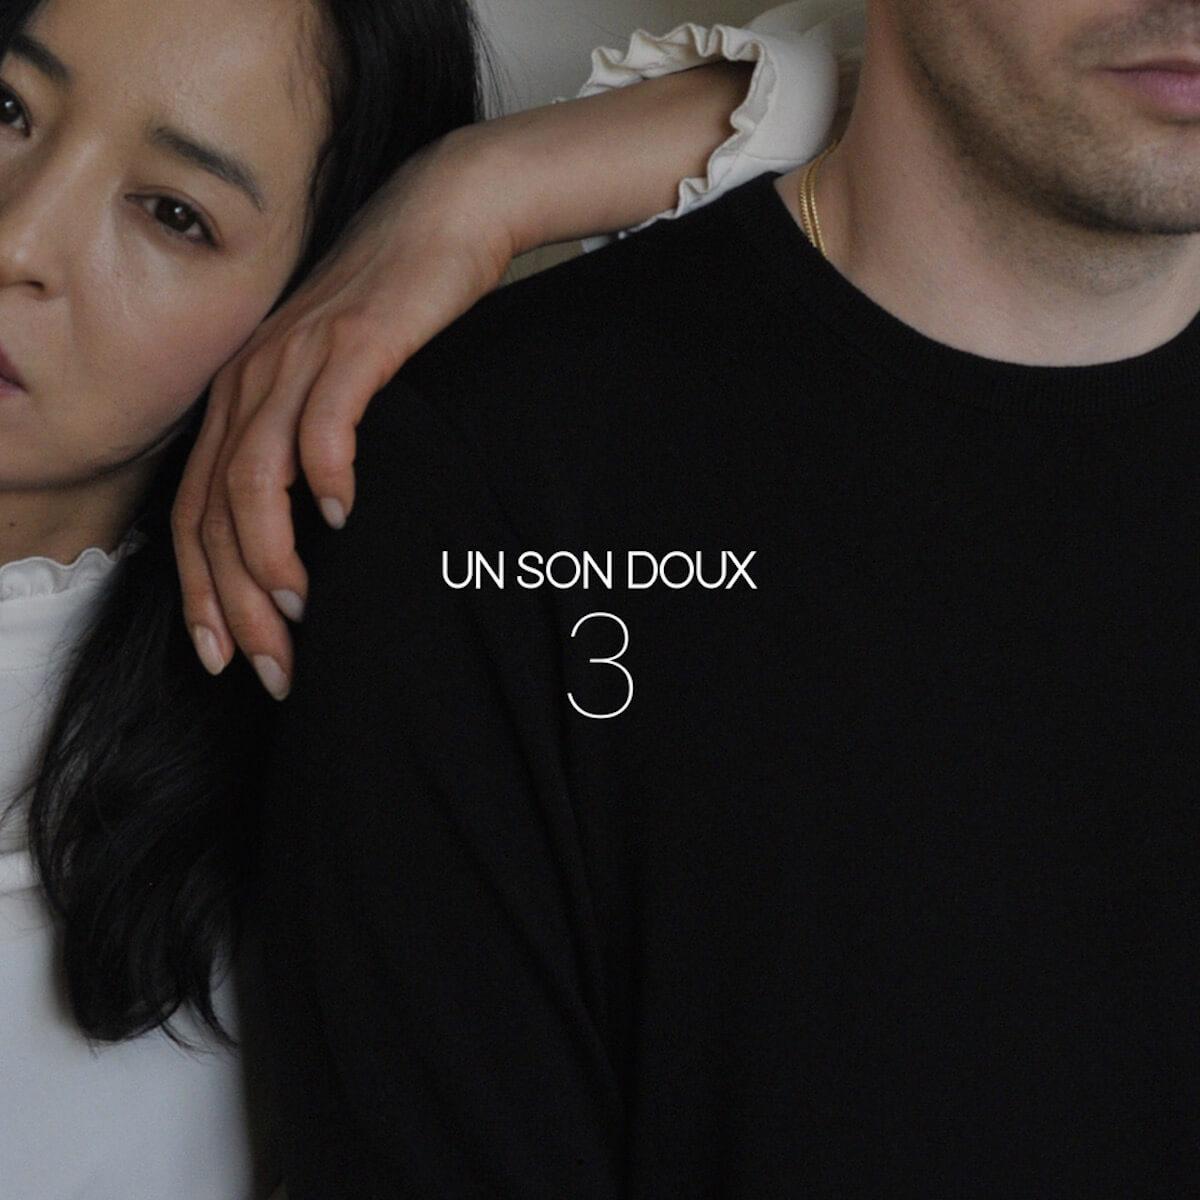 Un Son Doux・紺野千春とJonathan DGXに訊く、ファーストアルバム『3』が完成するまで music190527_unsondoux_1